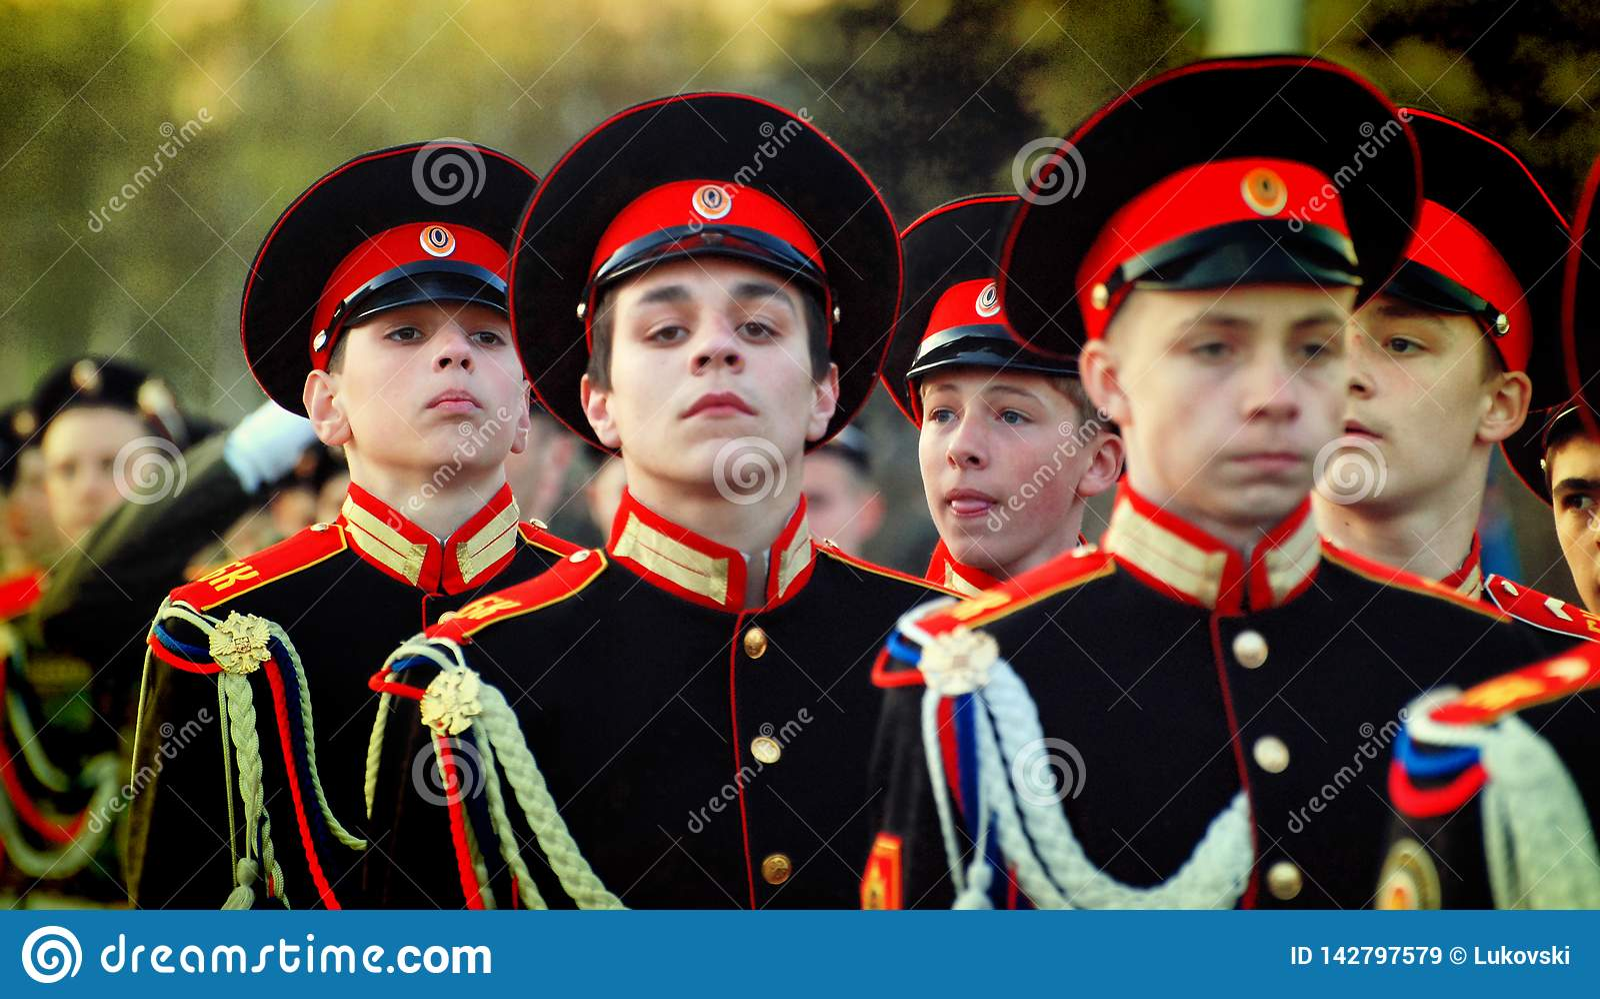 Ρωσικοί μαθητές στρατιωτικής σχολής στην ομοιόμορφη πορεία στην παρέλαση